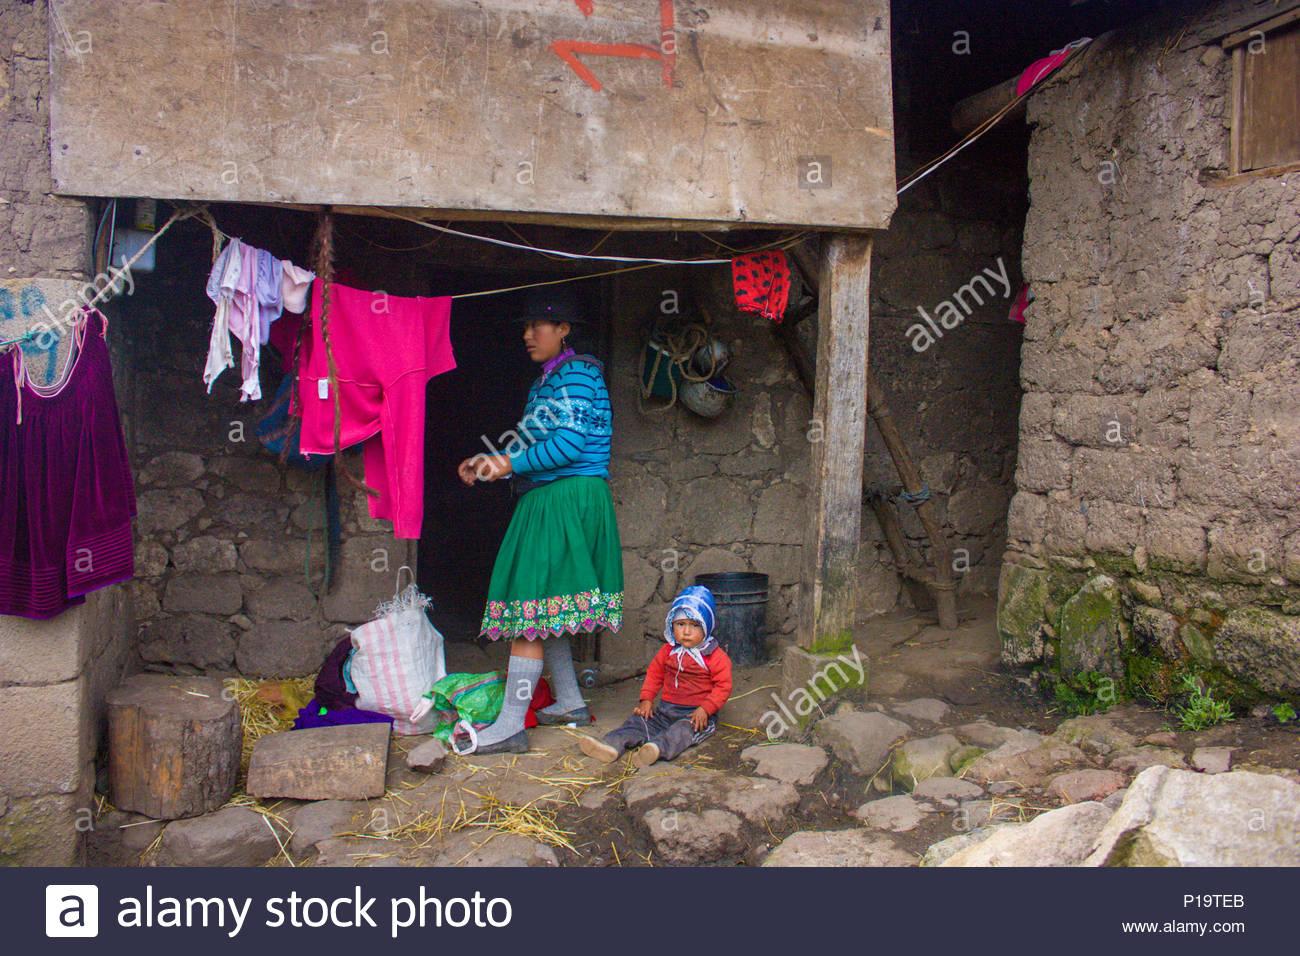 Donna e bambino in abiti tradizionali. Lo stile di vita quotidiana del popolo ecuadoriano nella Cordigliera delle Ande. Essi vivono in una casa di pietra con la sporcizia Immagini Stock